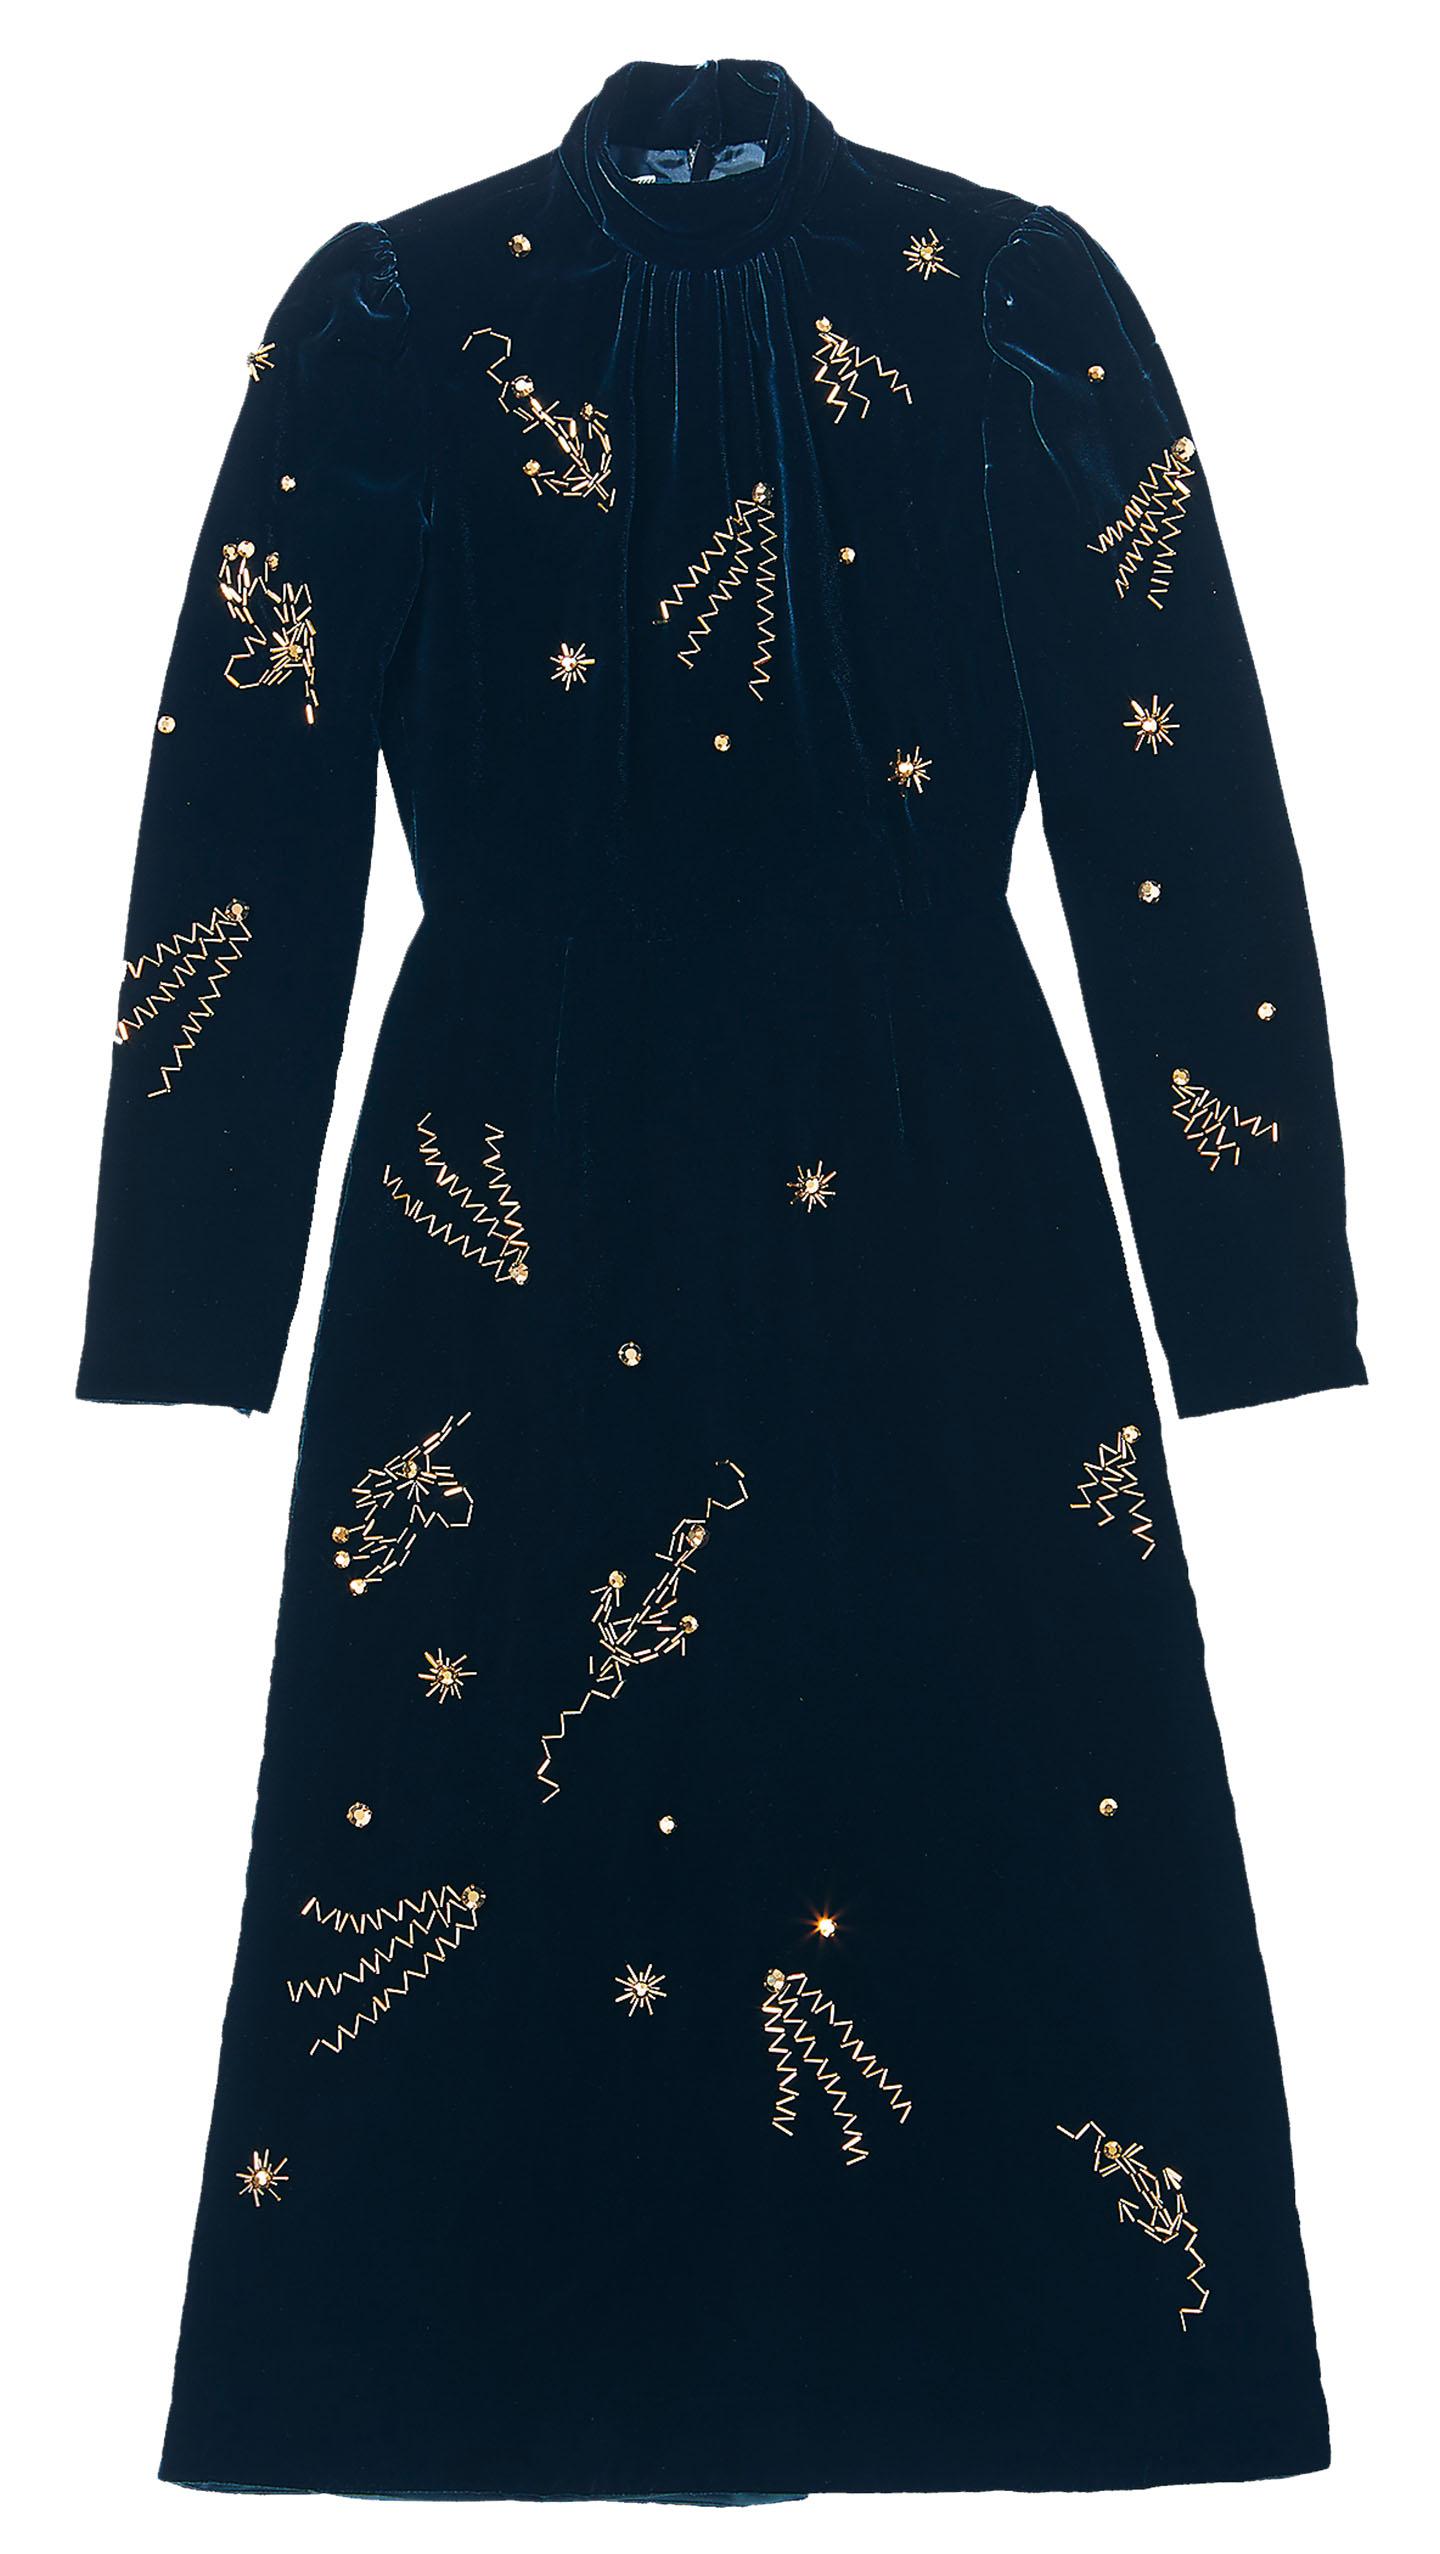 밤하늘의 별을 연상시키는 벨벳 드레스는 가격 미정으로 <strong>Prada</strong>